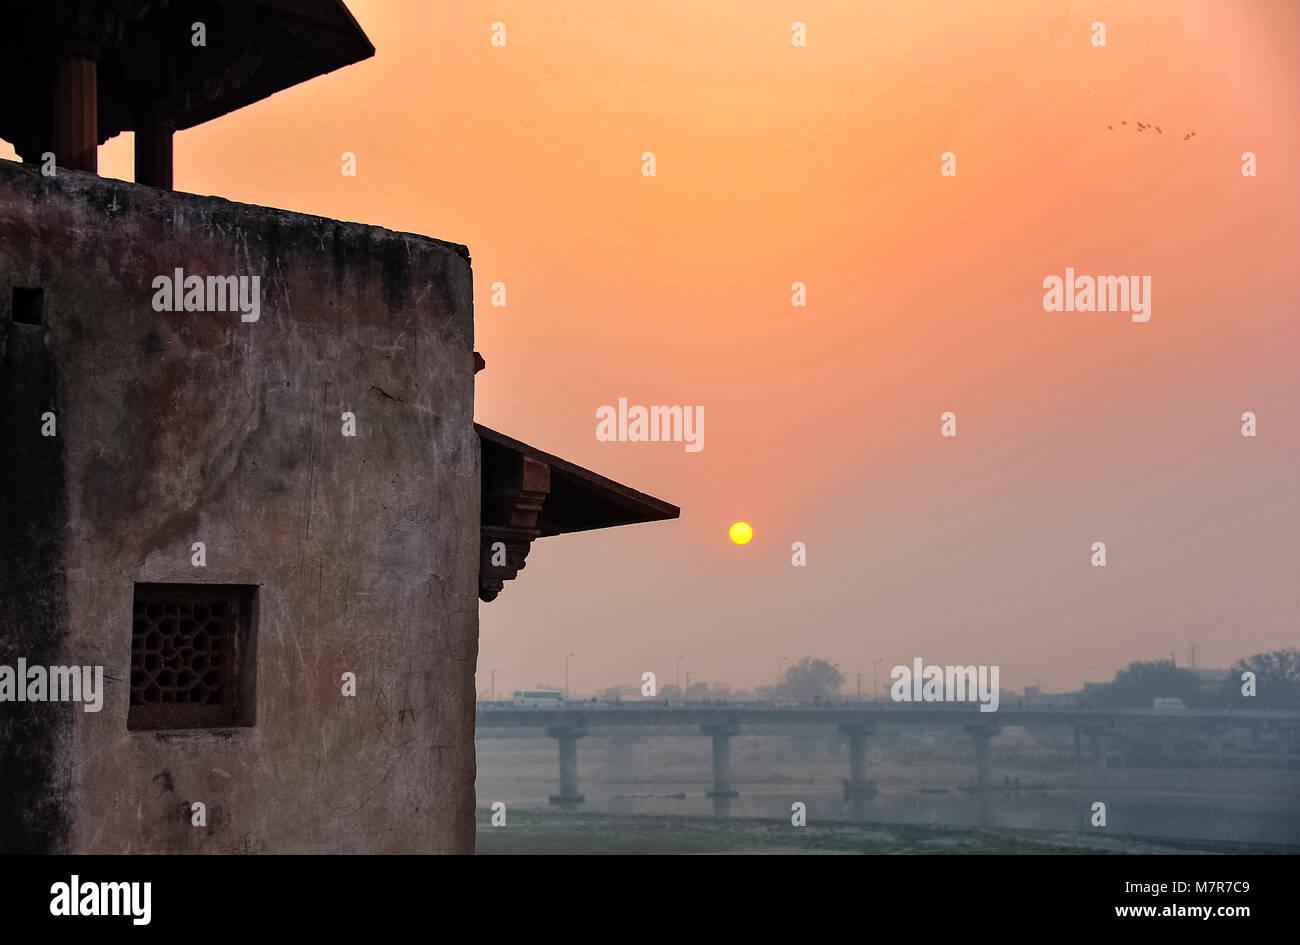 Ambedkar Stock Photos & Ambedkar Stock Images - Alamy